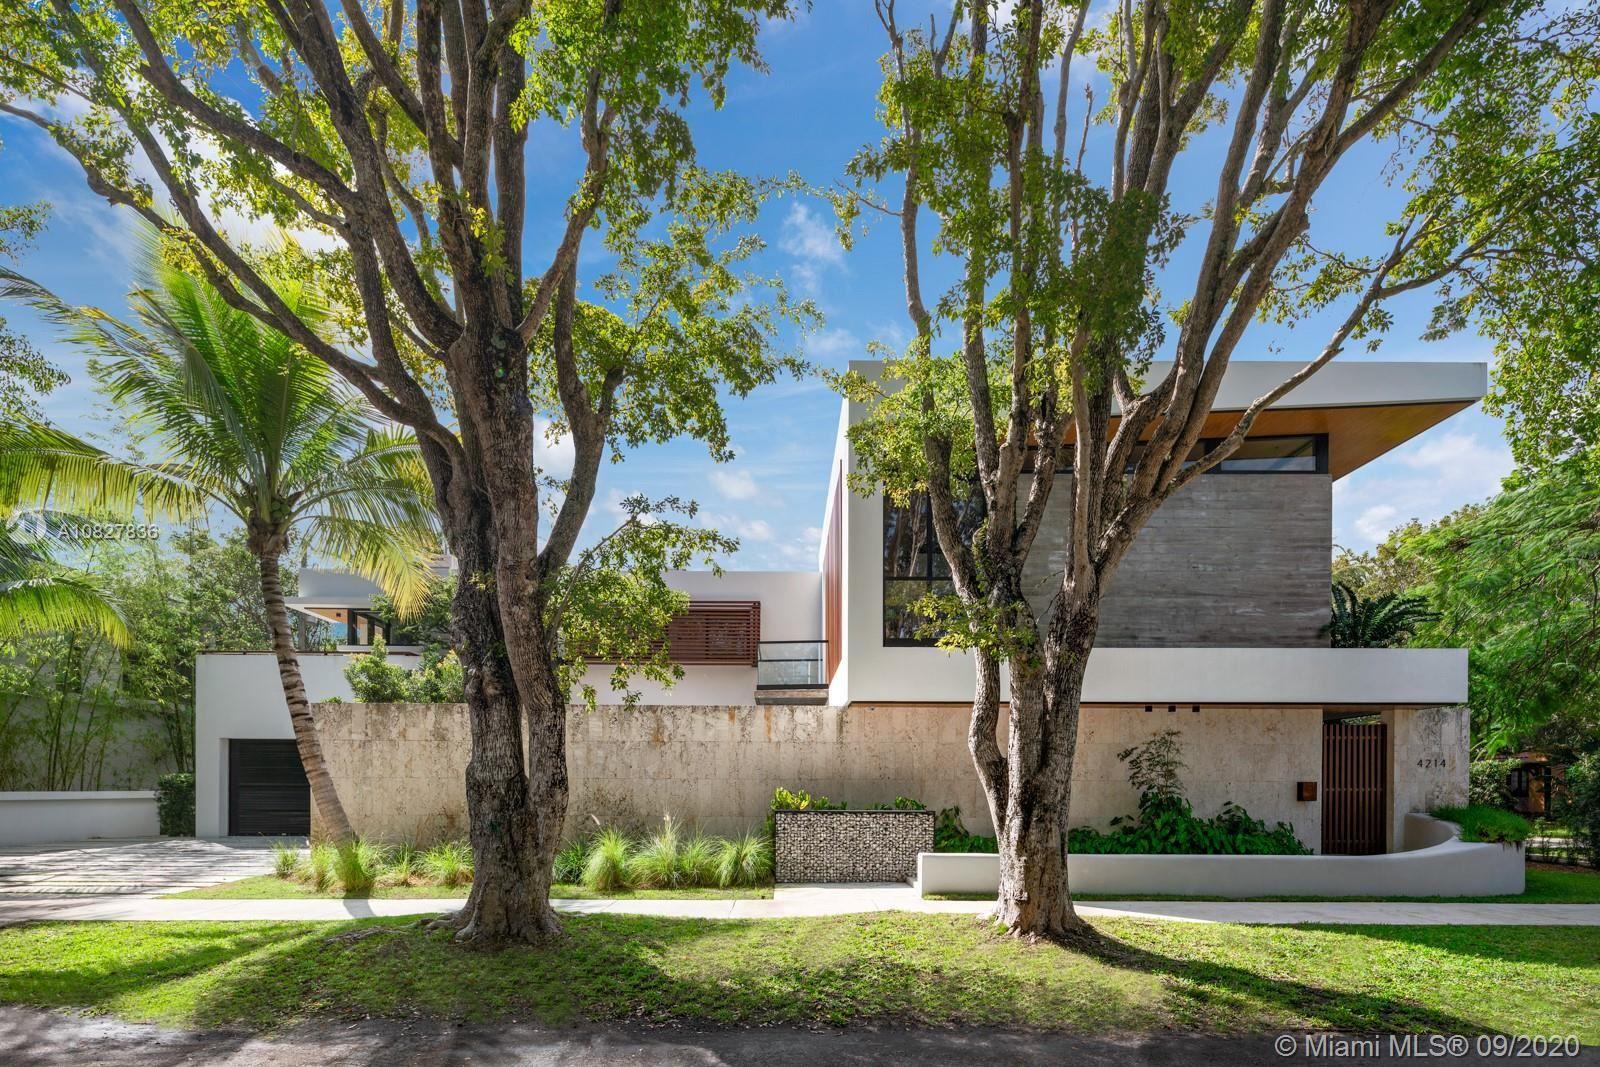 4214 Anne Ct, Miami, FL 33133 - #: A10827836